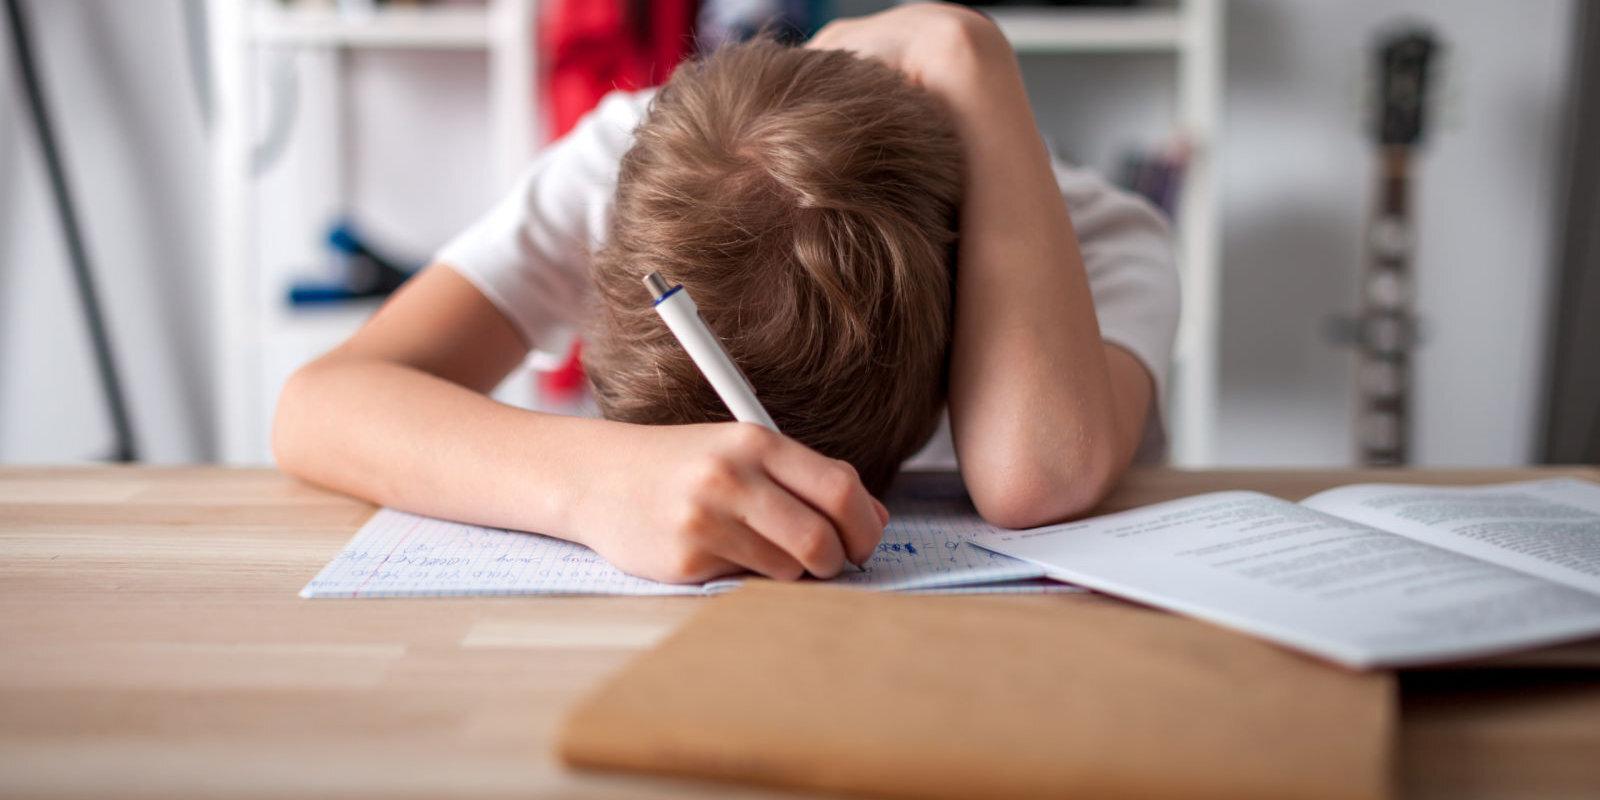 Jāmeklē cēloņi, nevis jācīnās ar sekām – kā izprast bērna nevēlēšanos mācīties